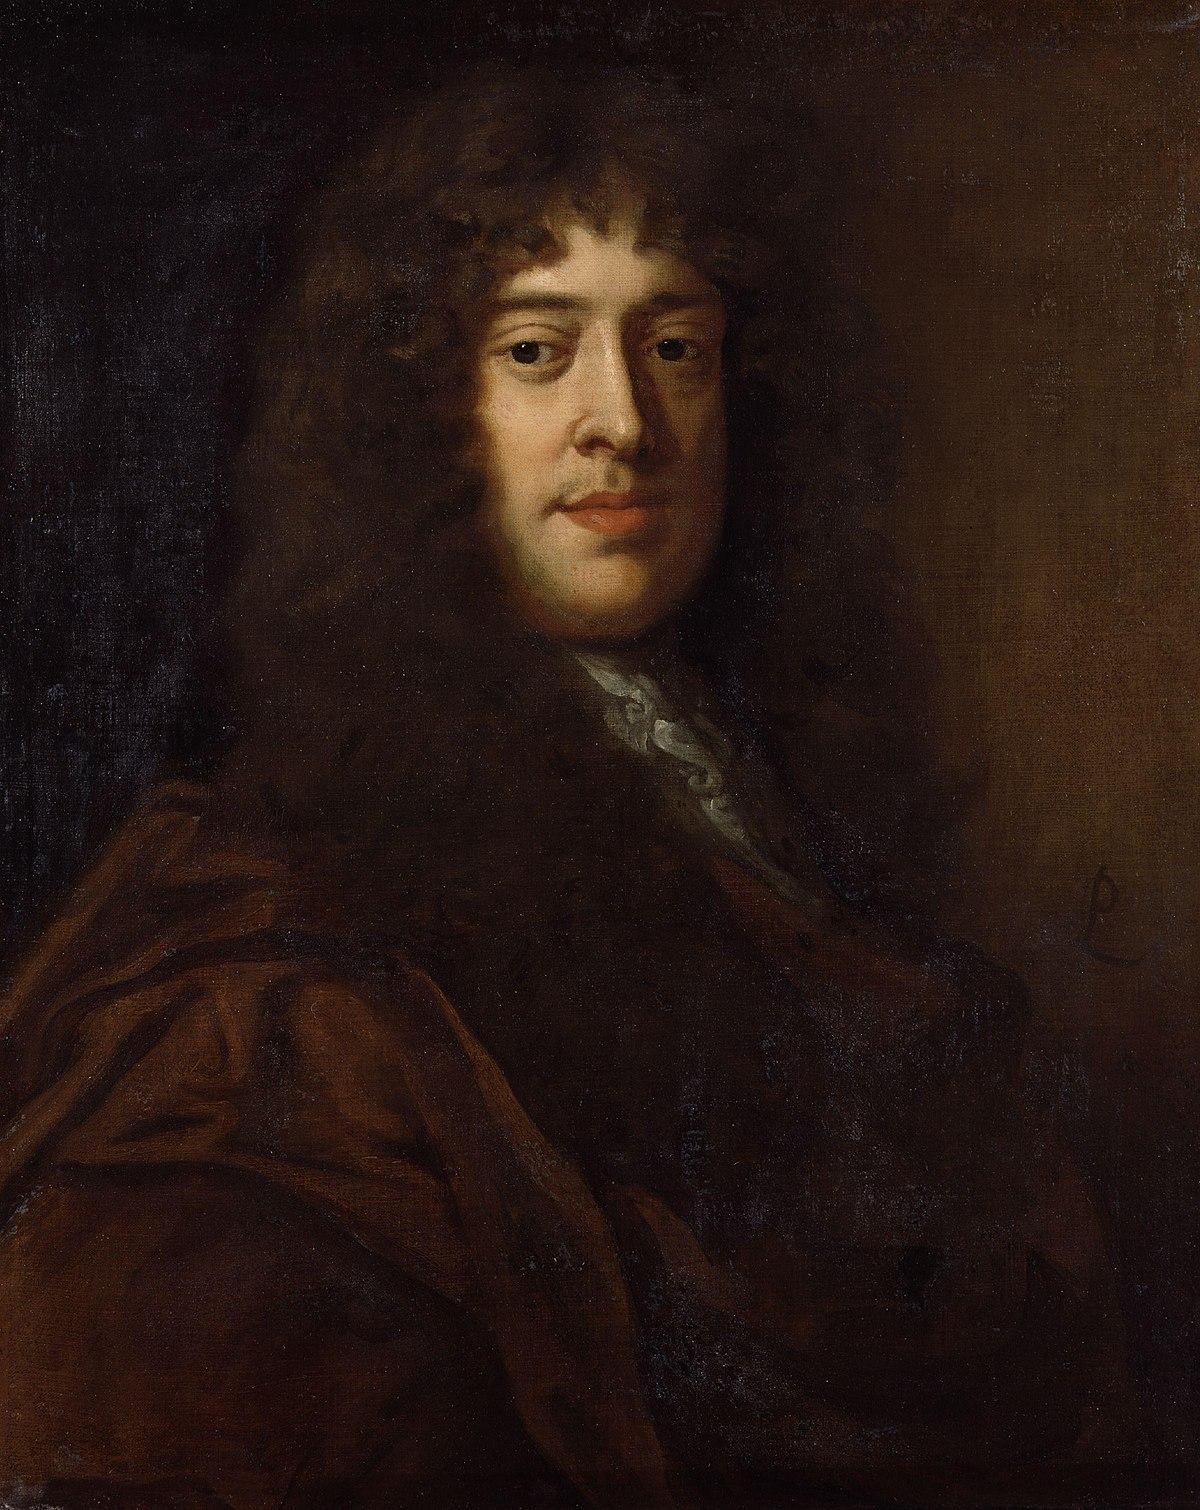 William Wycherley Wikipedia